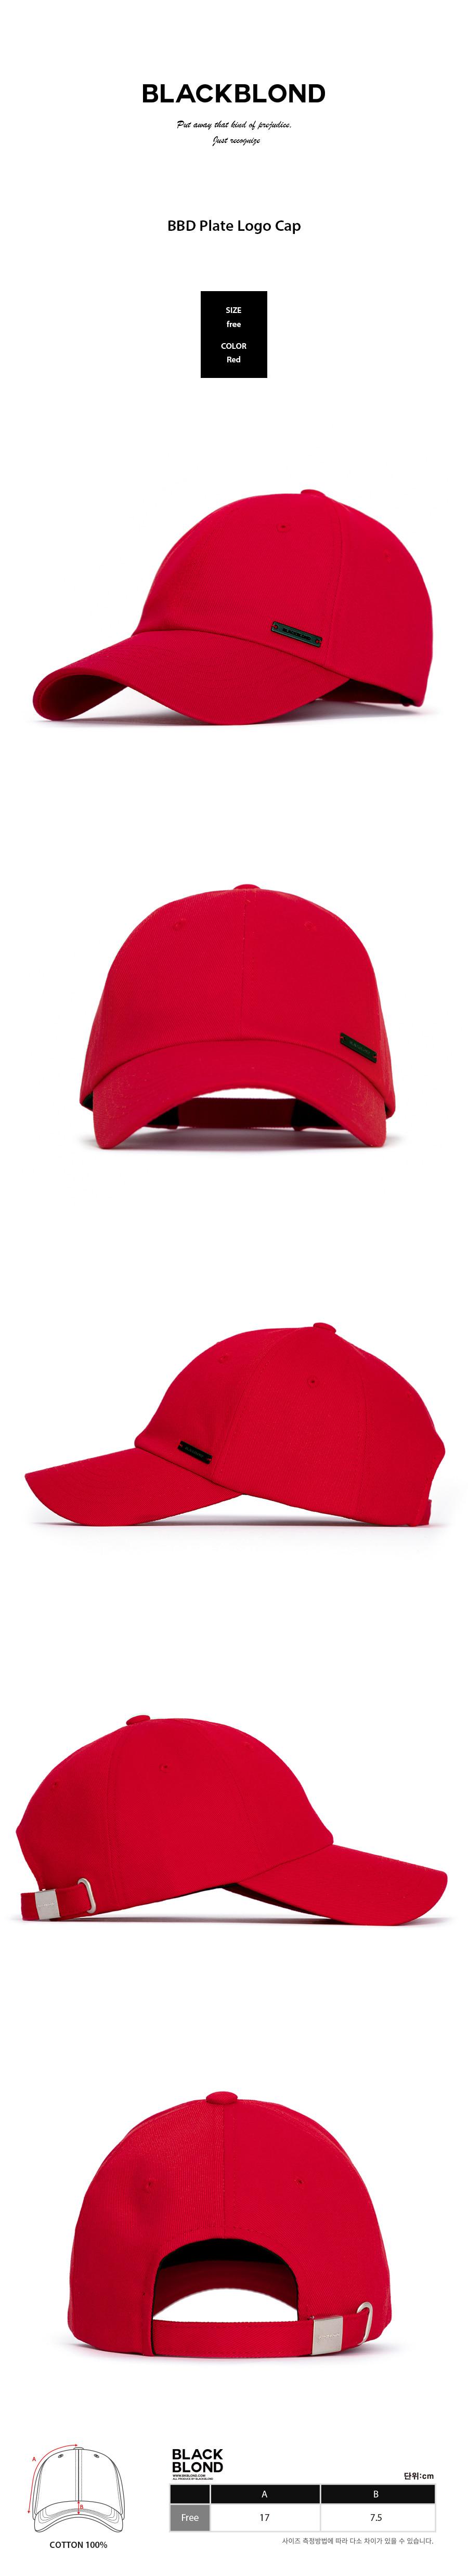 블랙블론드 BLACKBLOND - BBD Plate Logo Cap (Red)